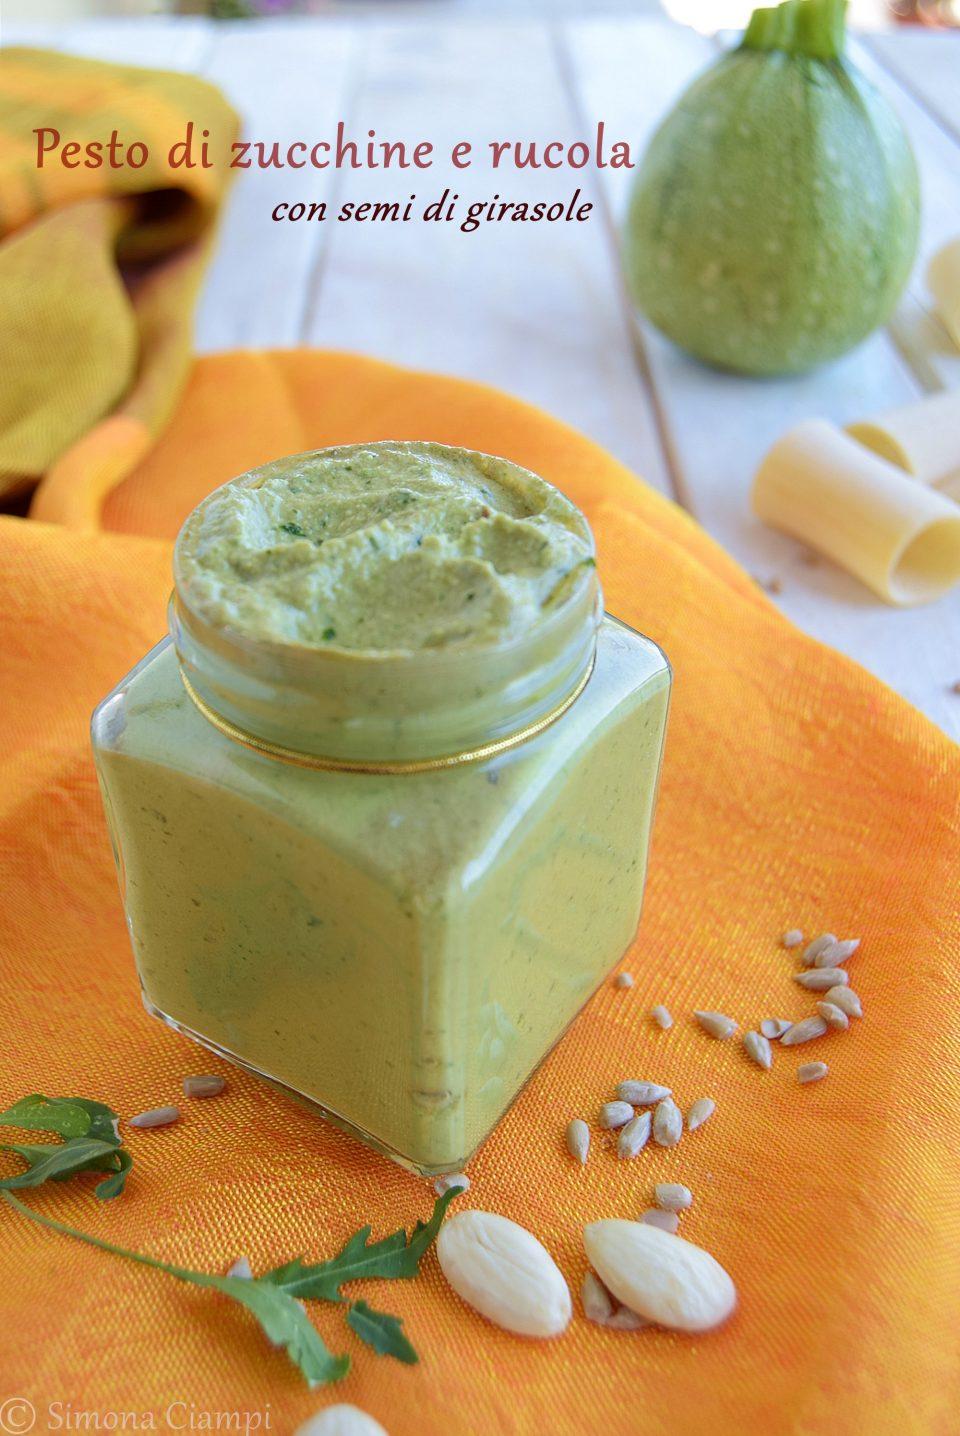 Pesto di zucchine e rucola con semi di girasole